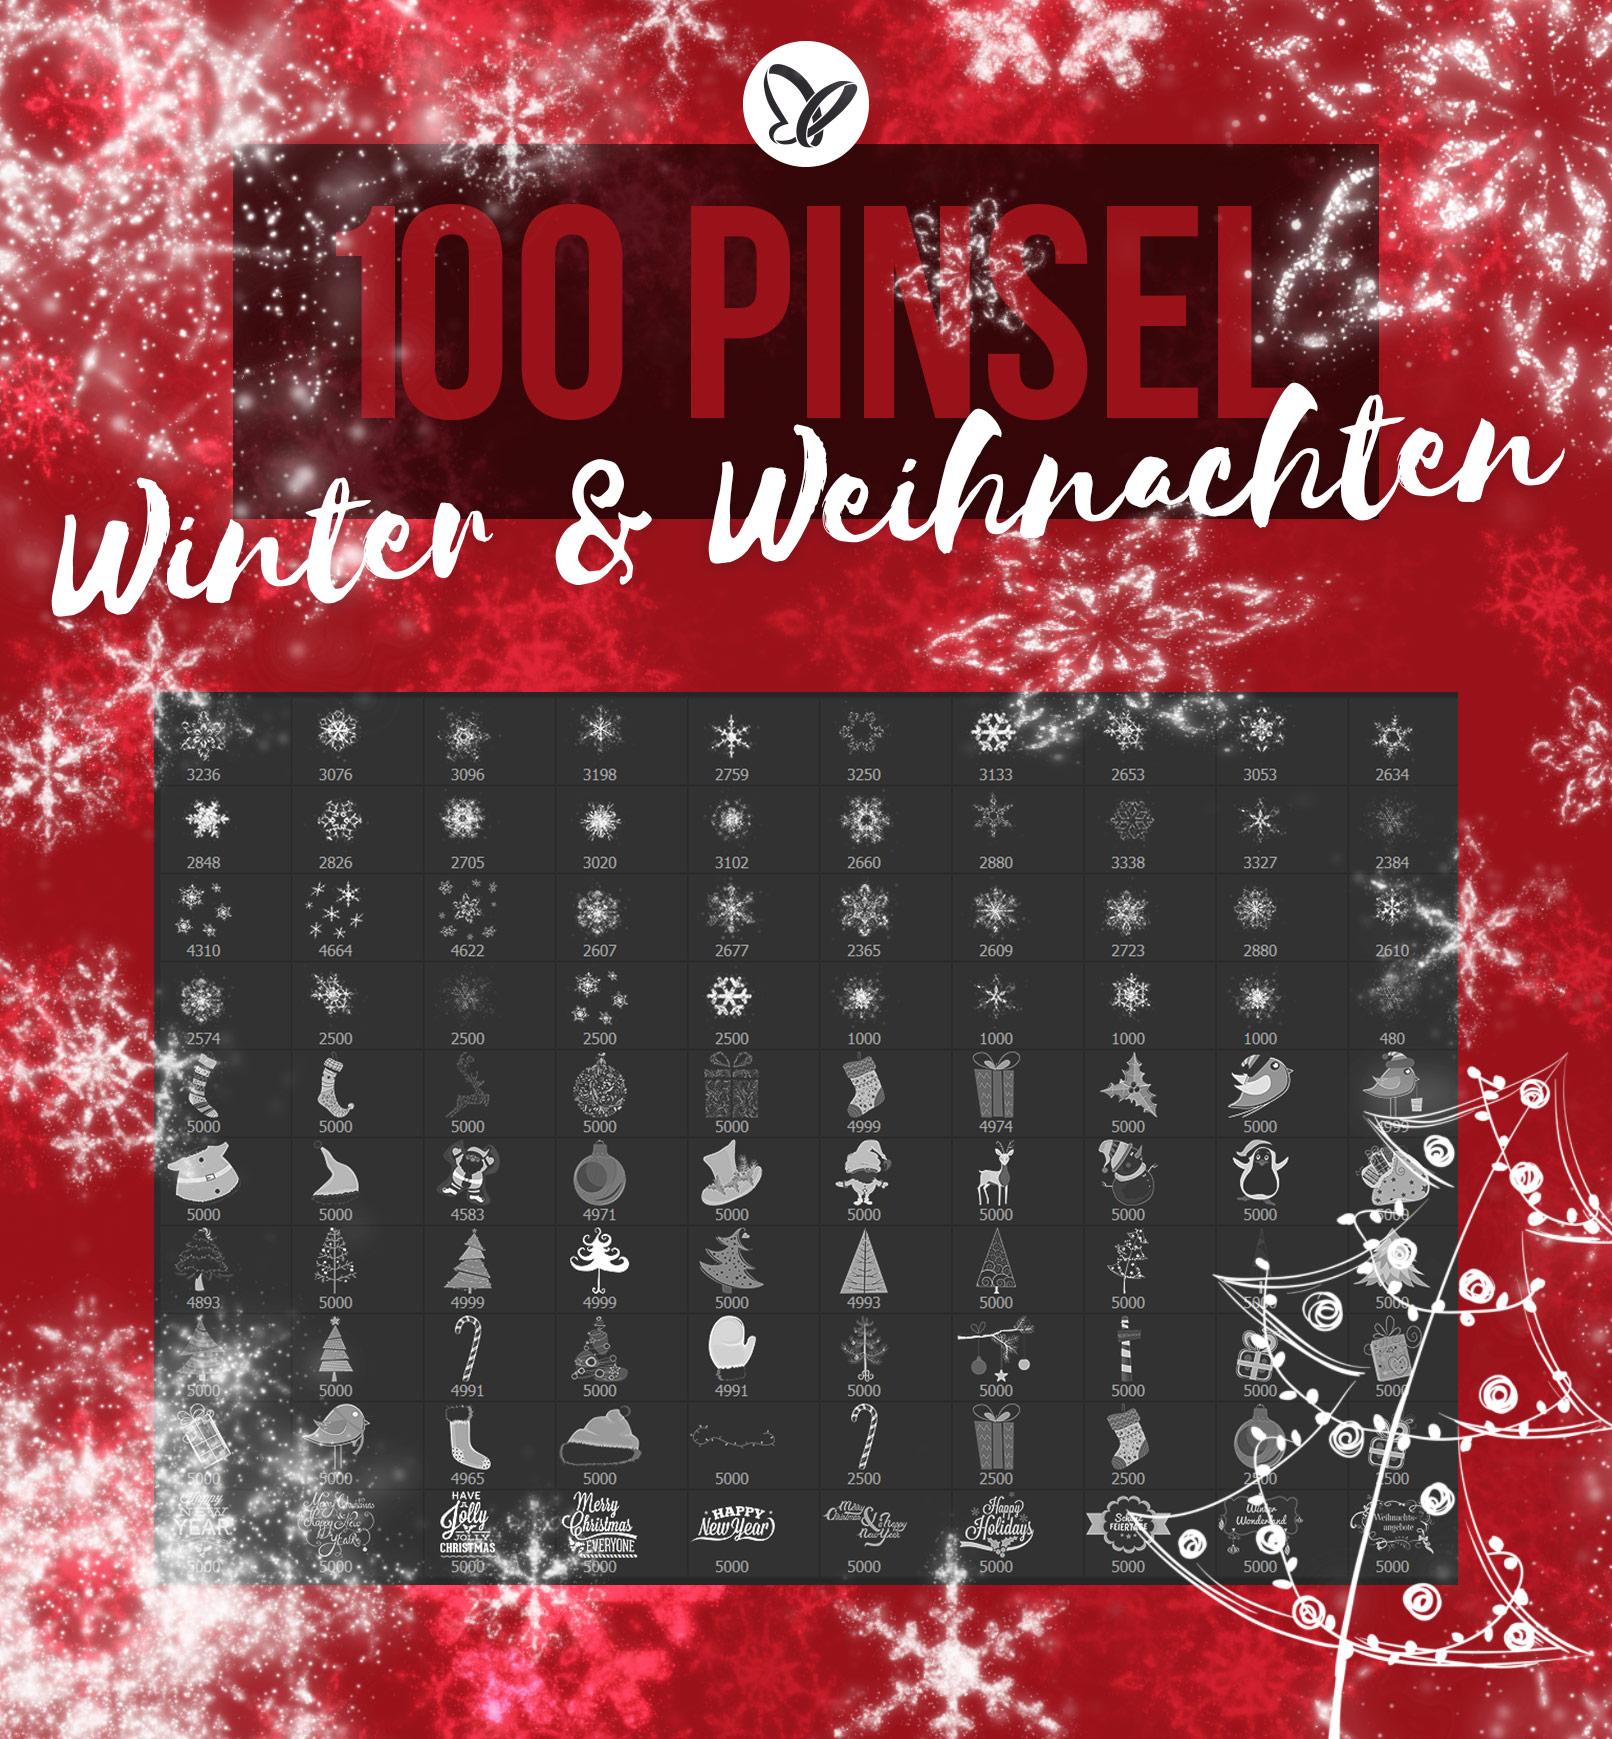 100 Pinselspitzen mit winterlichen, weihnachtlichen Motiven